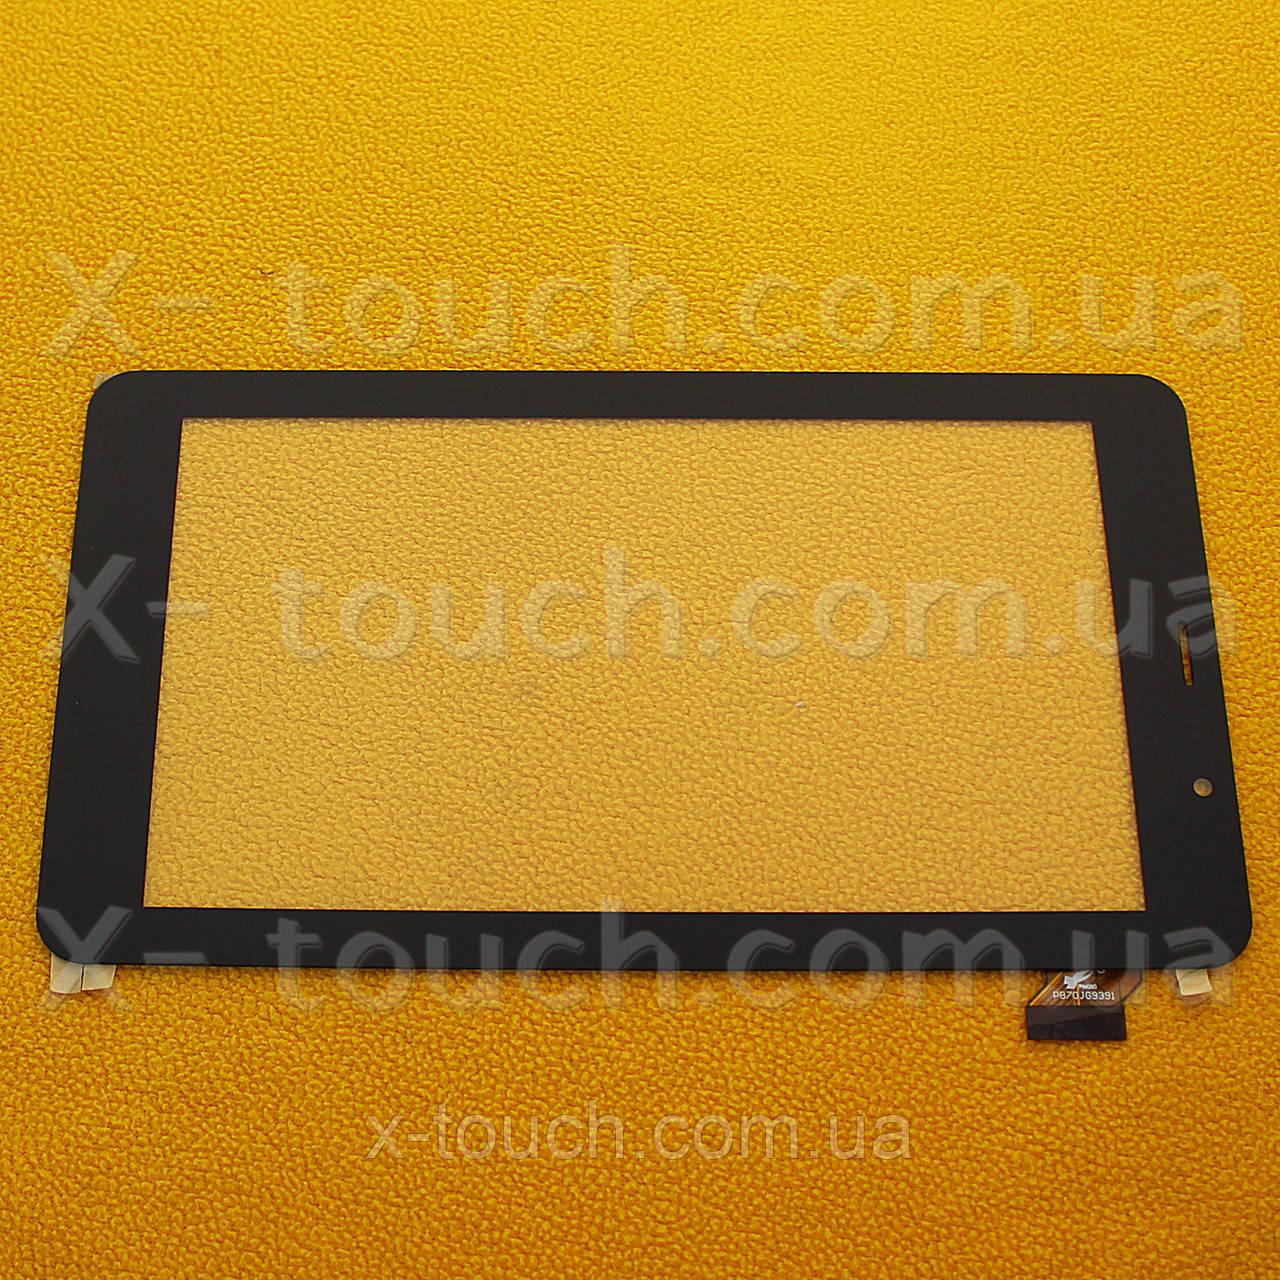 Тачскрин, сенсор  PB70JG9391  для планшета